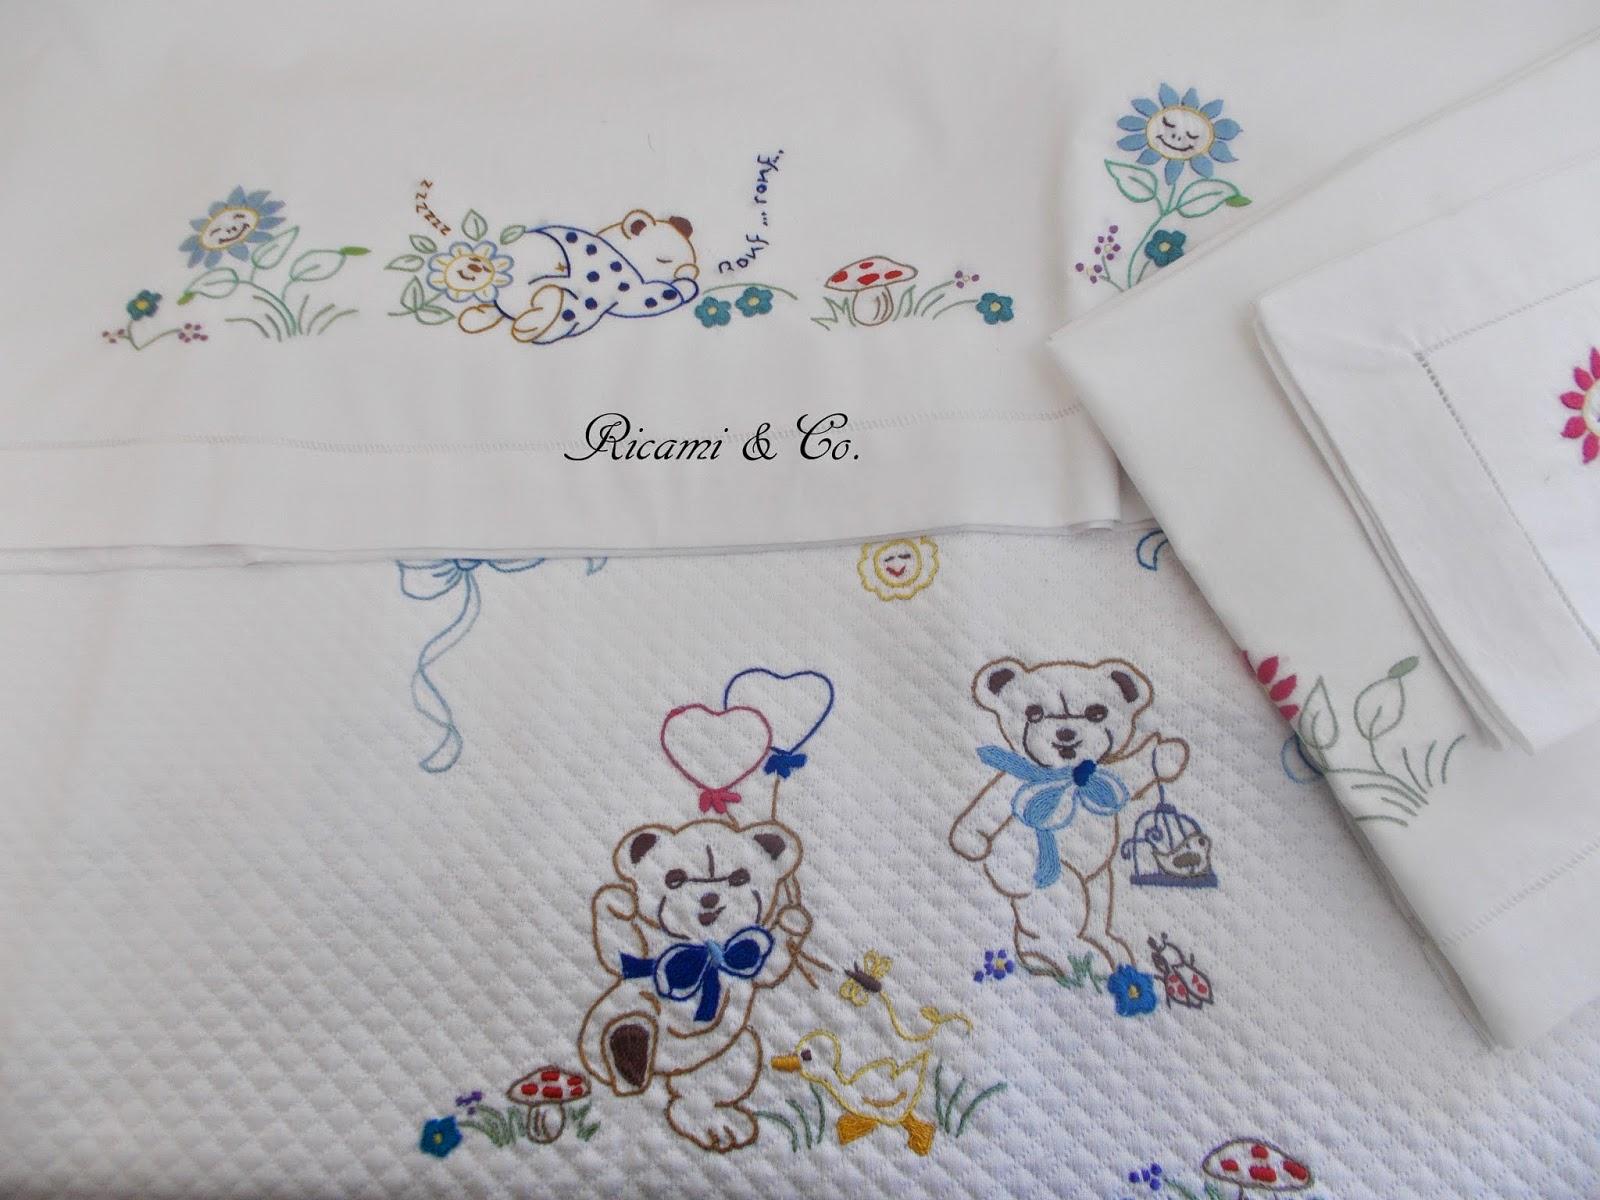 Orsetti per accompagnare i sogni ricami co for Ricami a punto croce per neonati